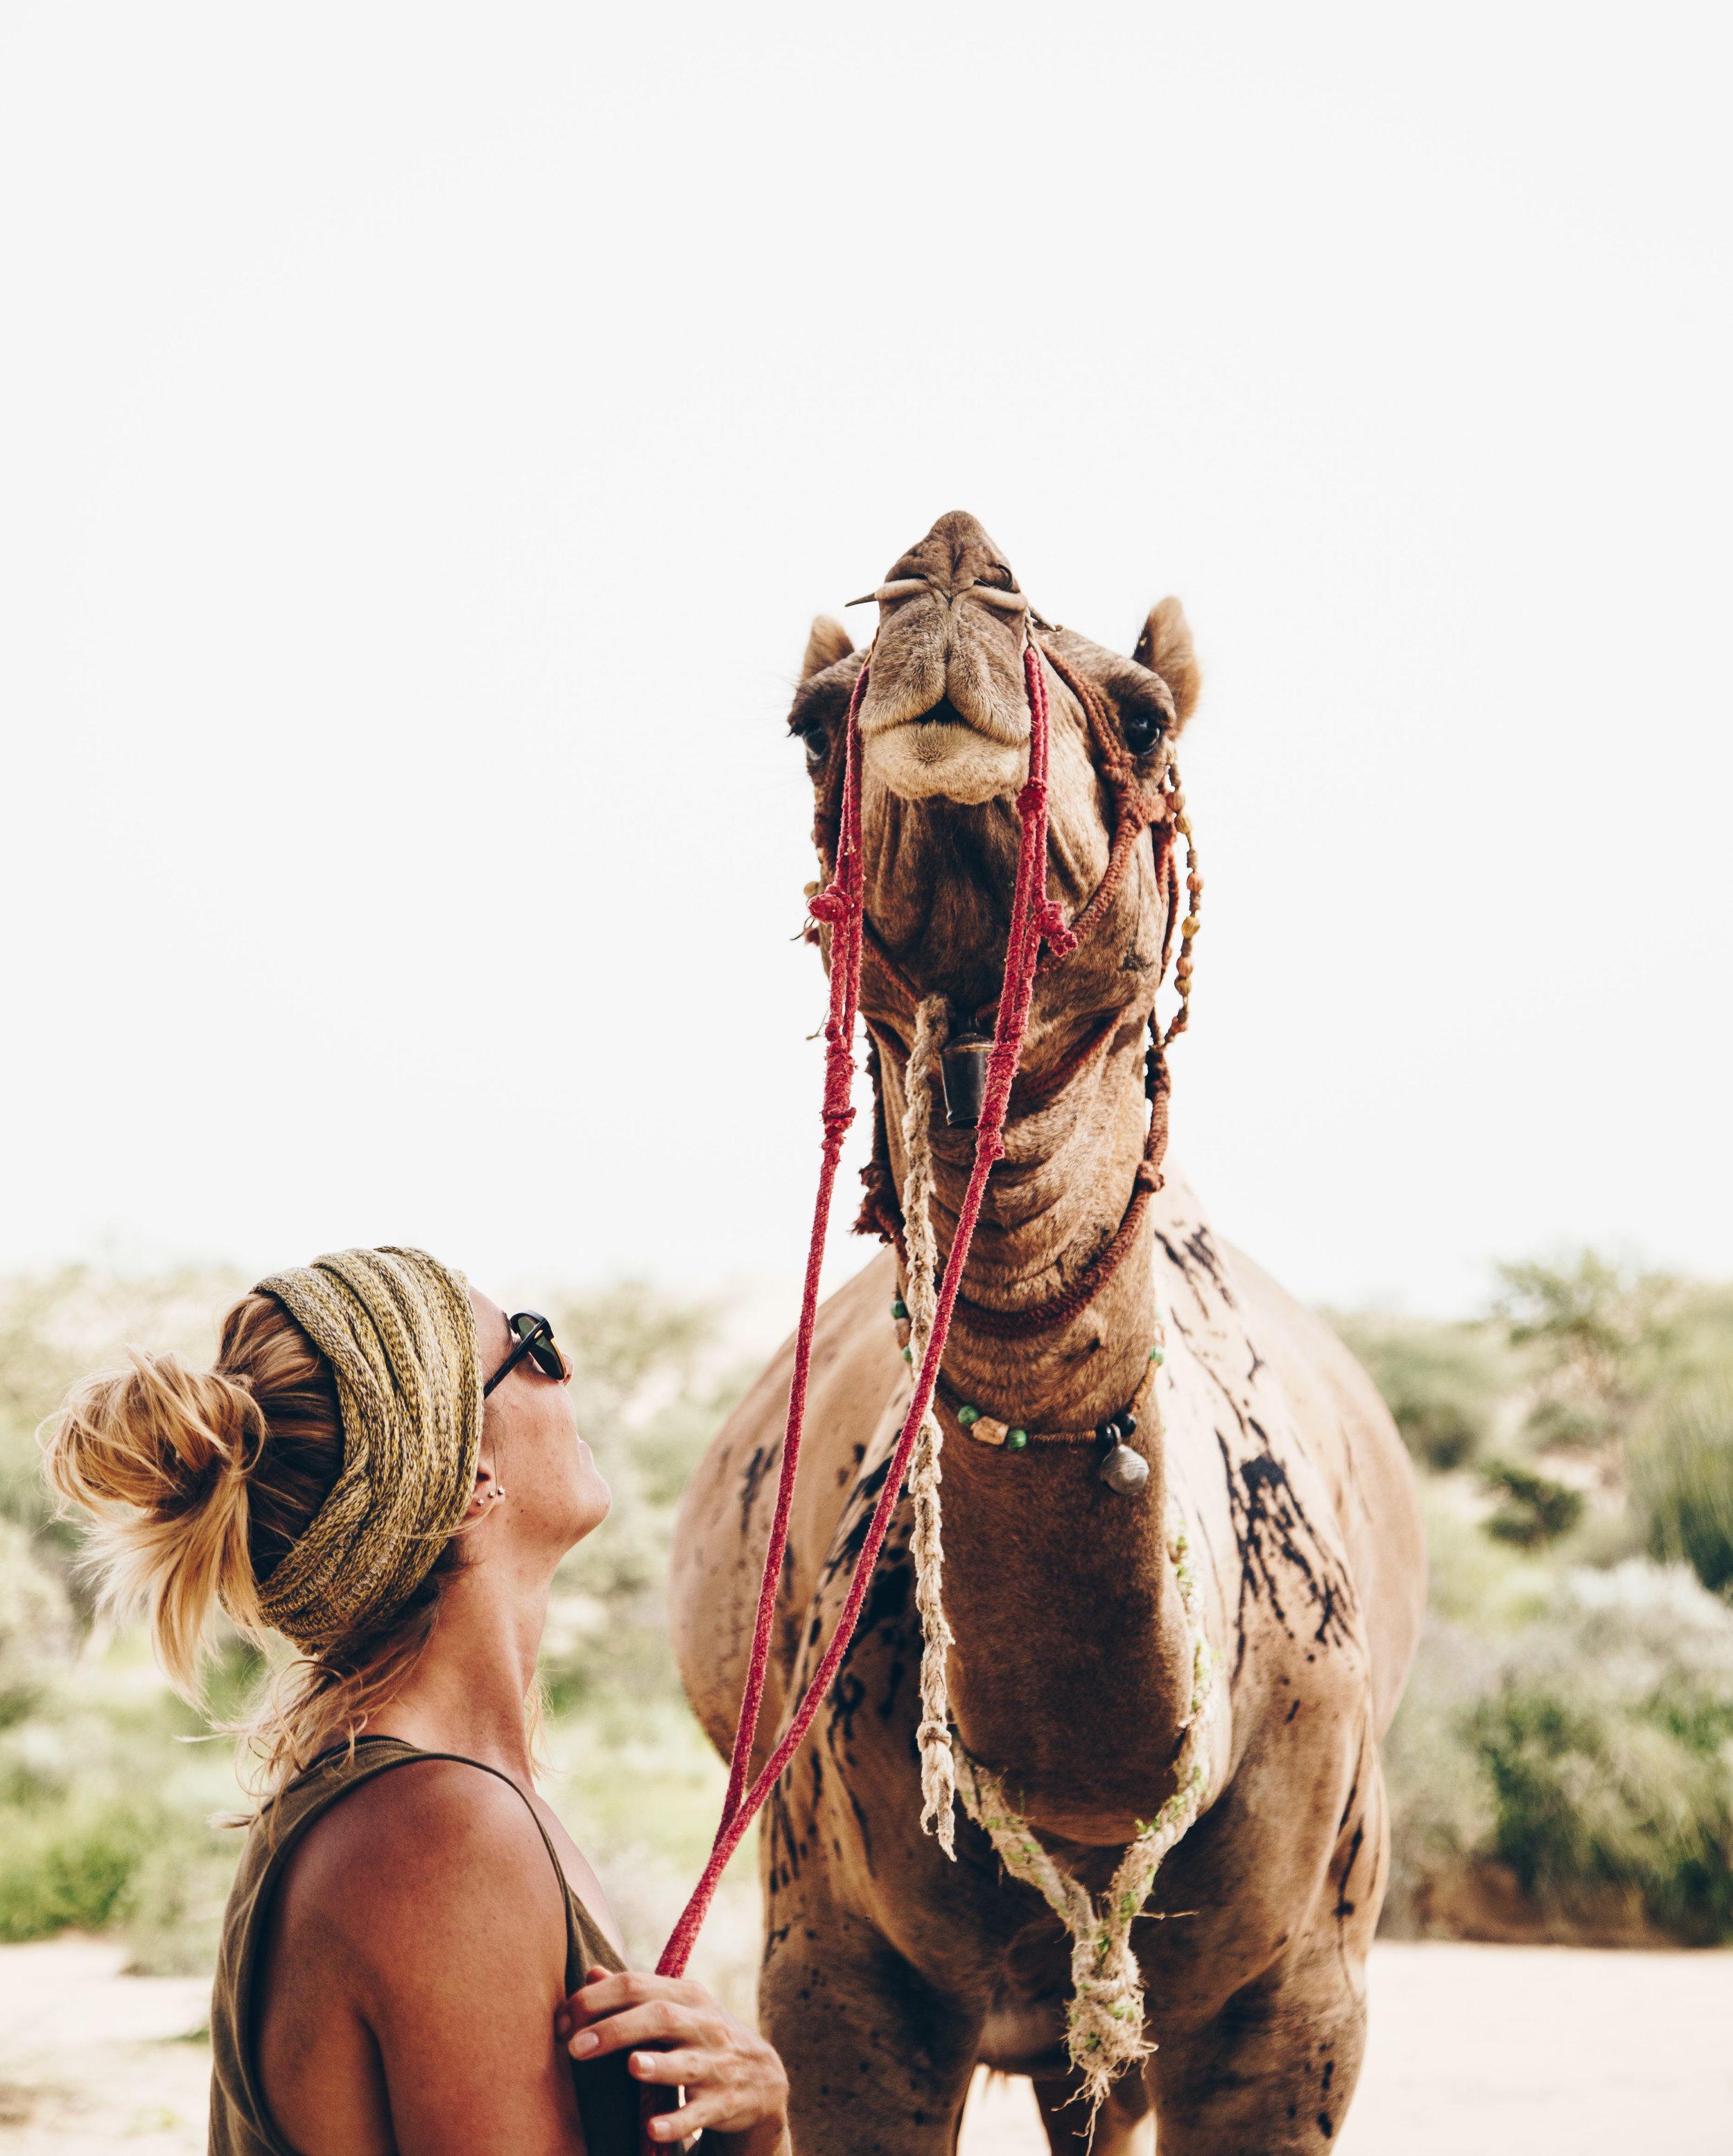 india2_jaislamer_camel-5.jpg